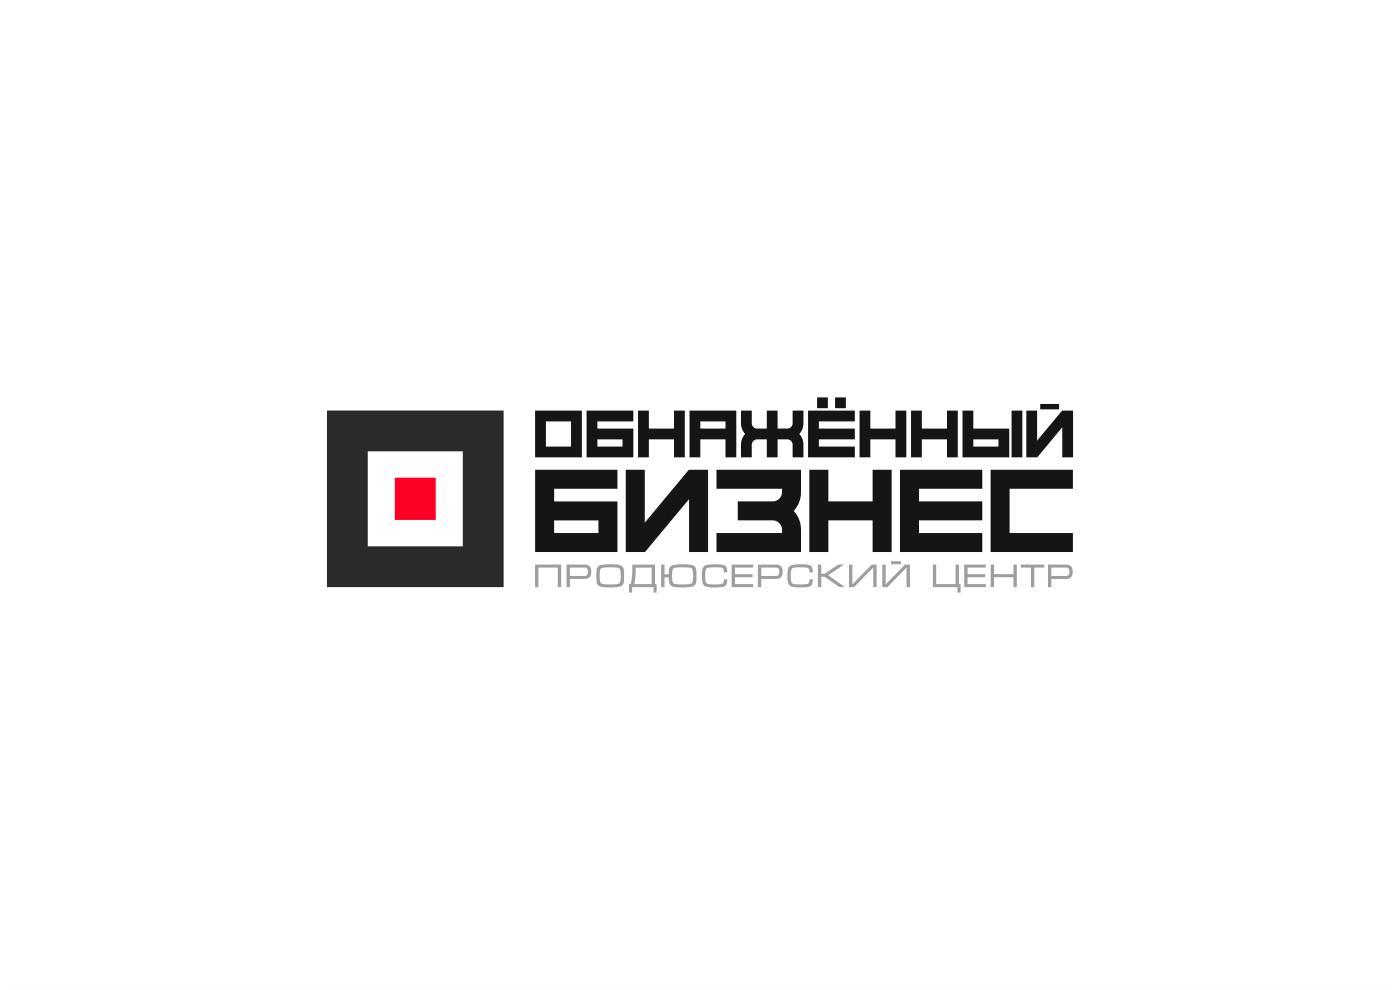 """Логотип для продюсерского центра """"Обнажённый бизнес"""" фото f_3615ba0e1cf6e0c1.png"""